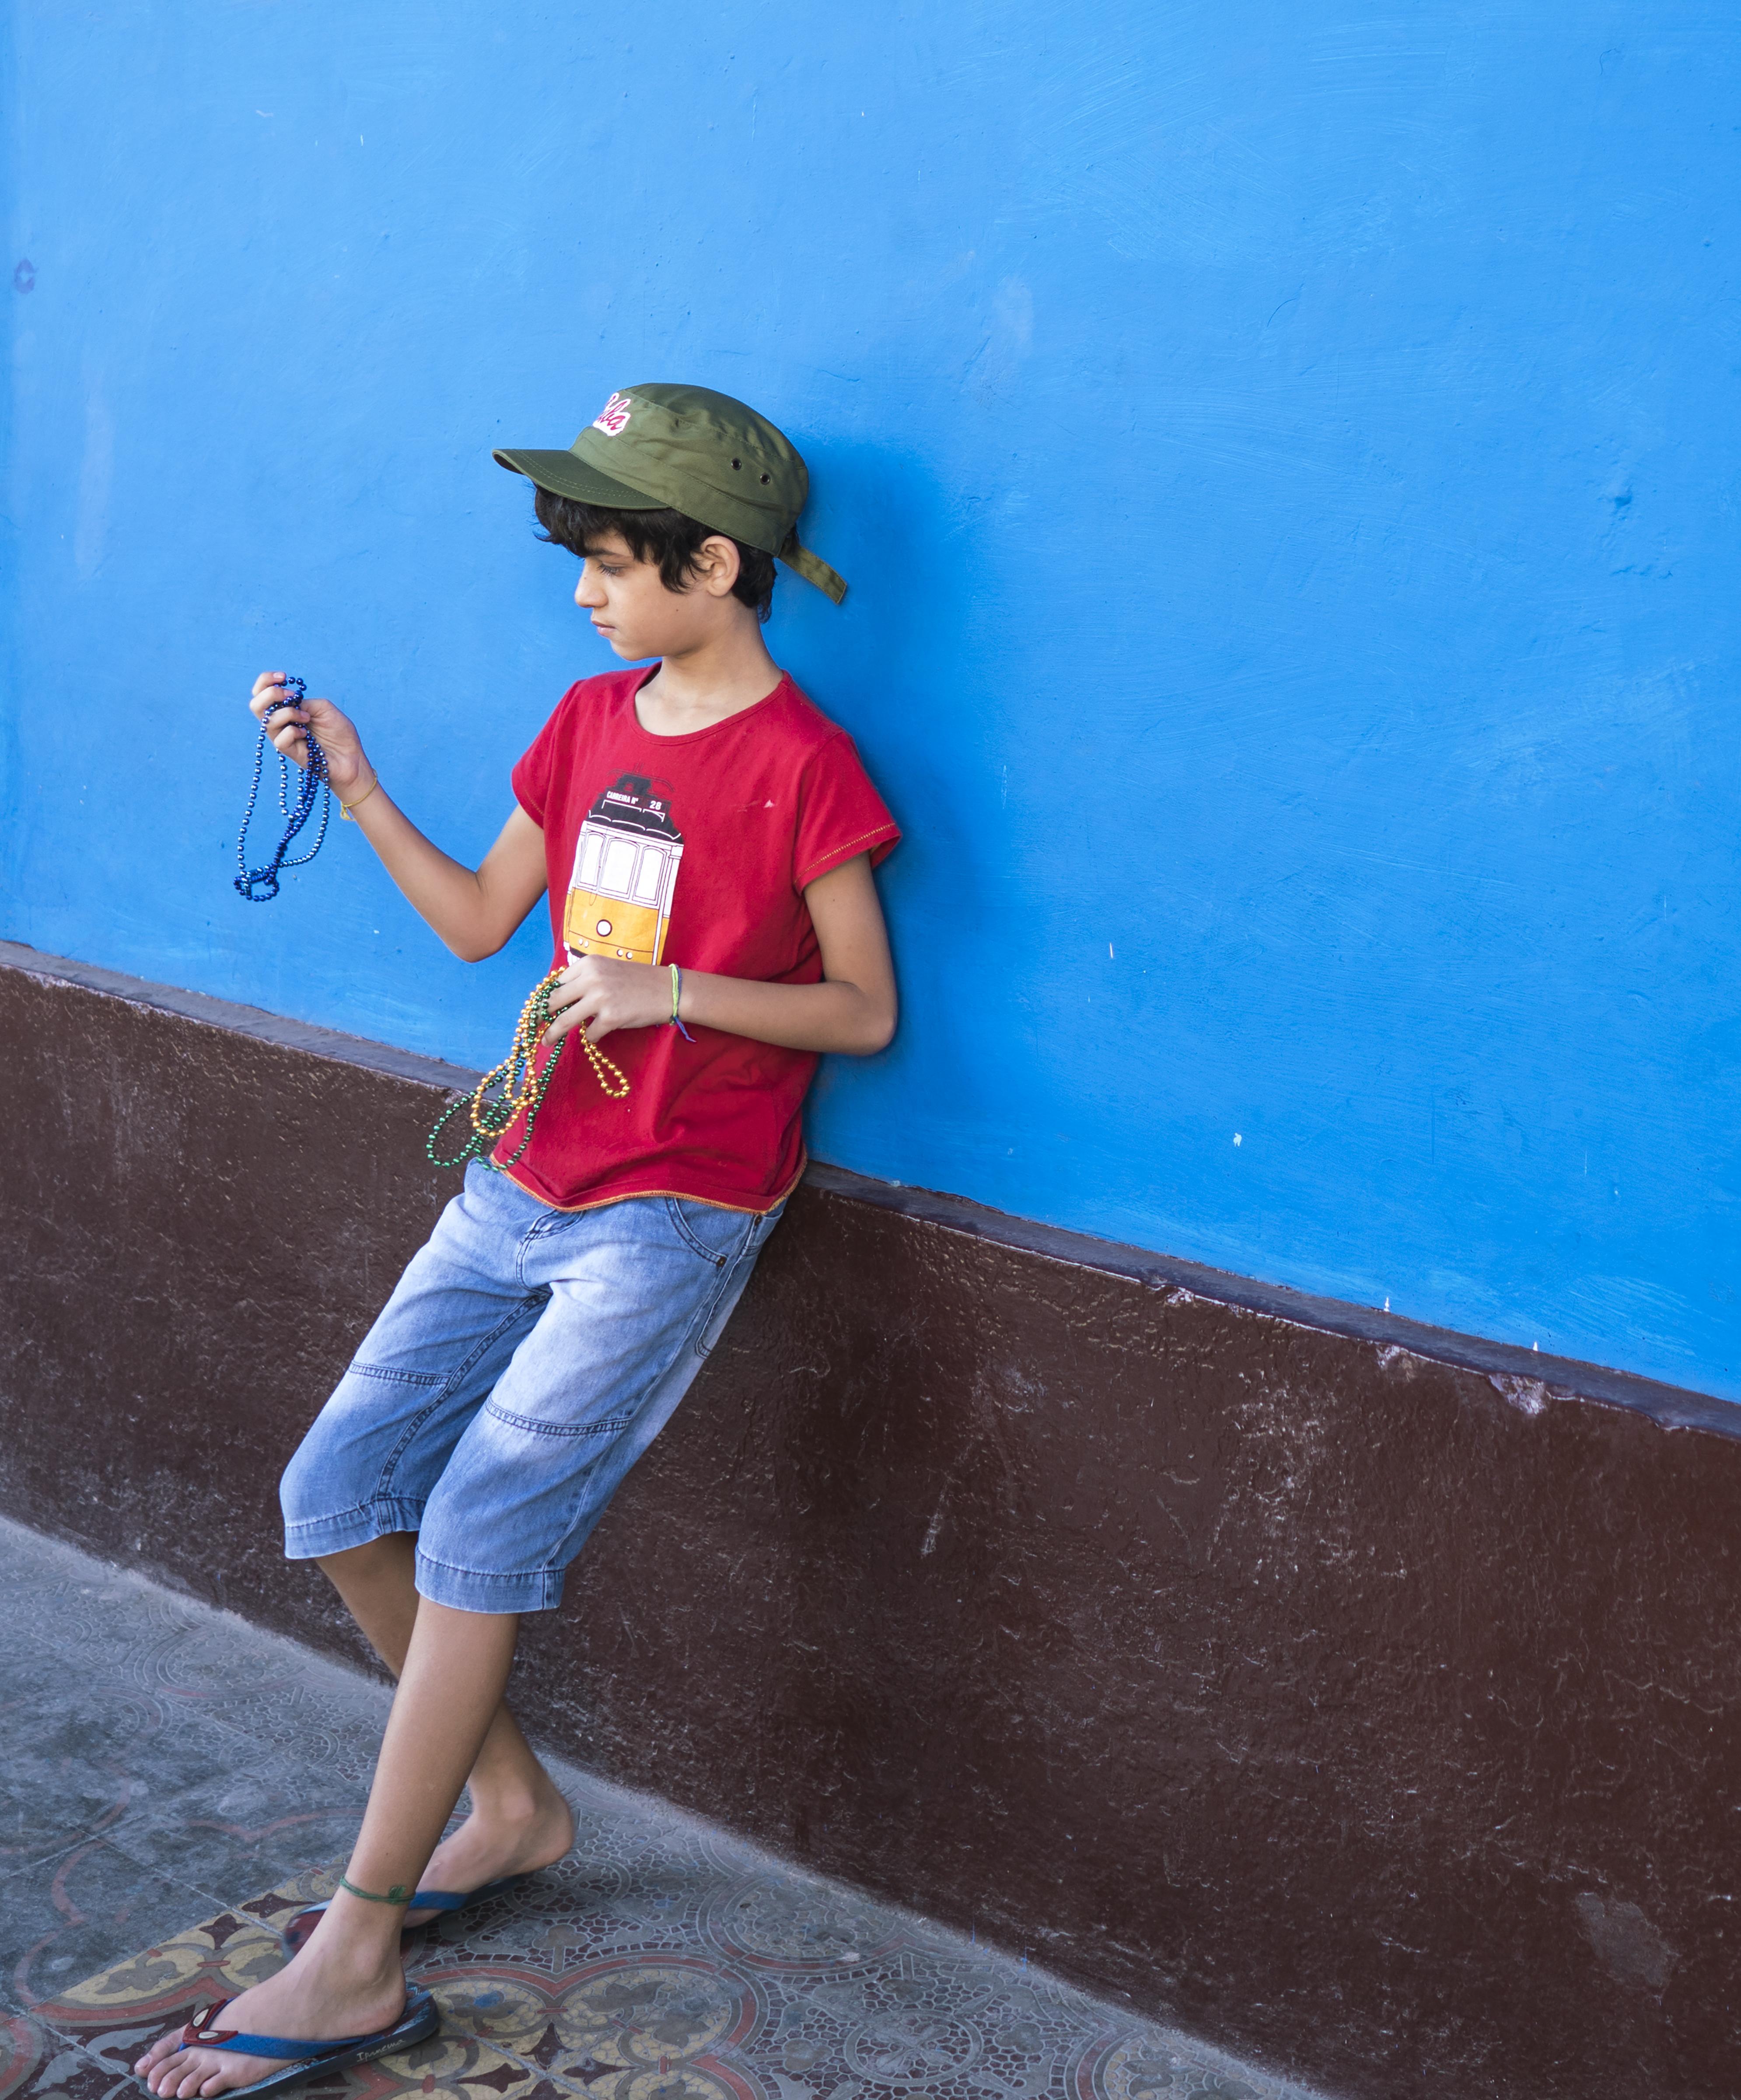 Boy on Blue Wall copy